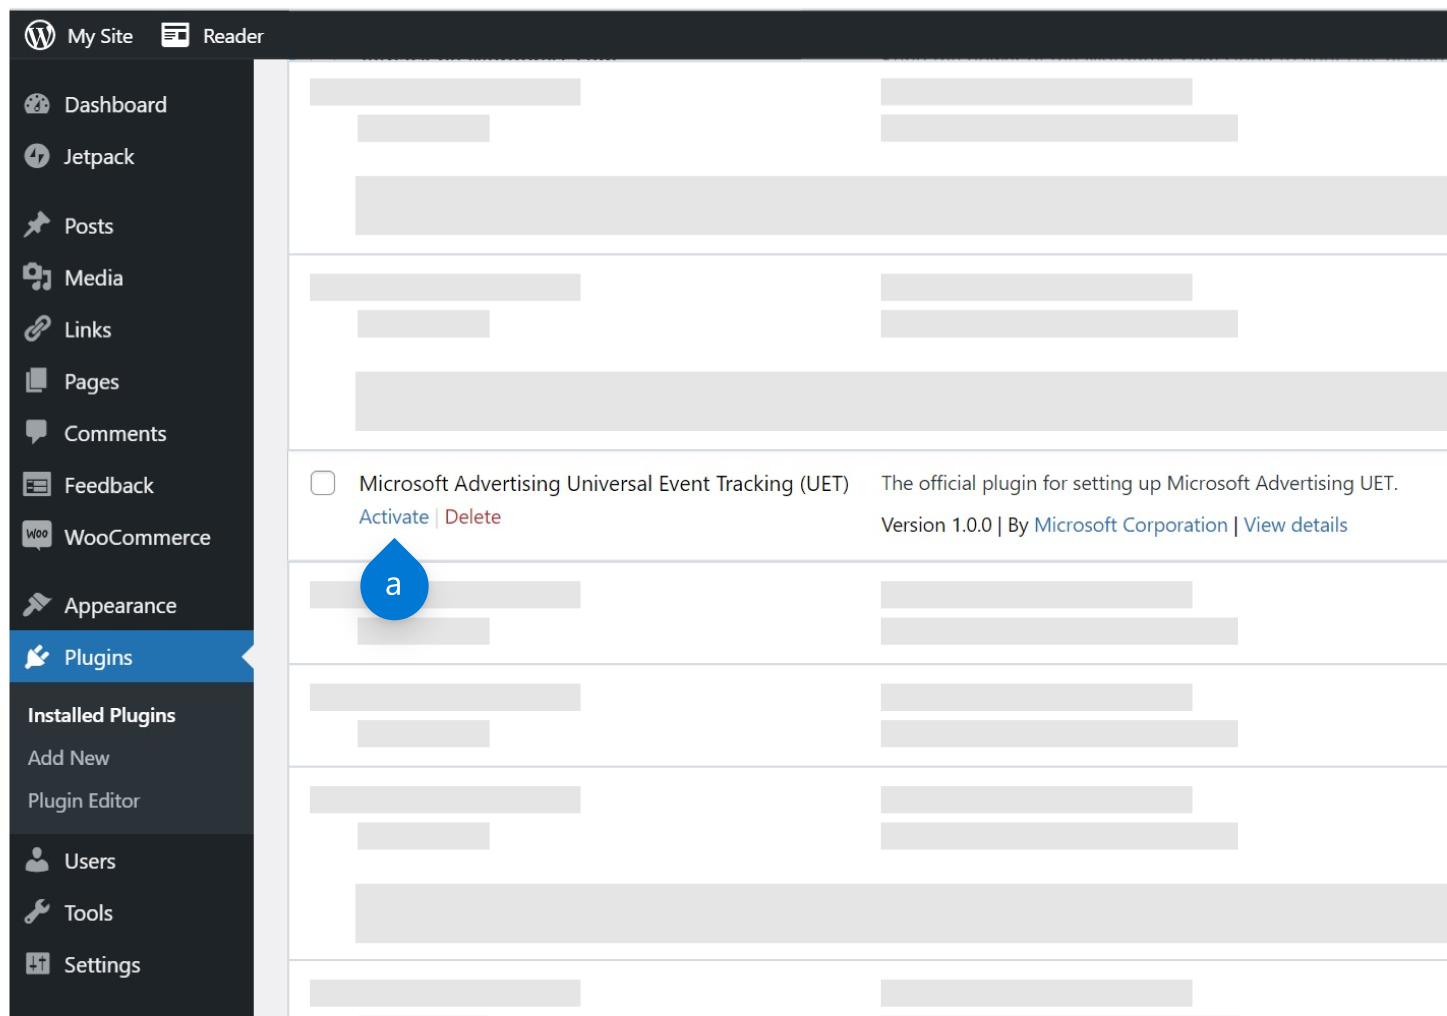 Activer le plug-in de suivi des conversions dans Wordpress